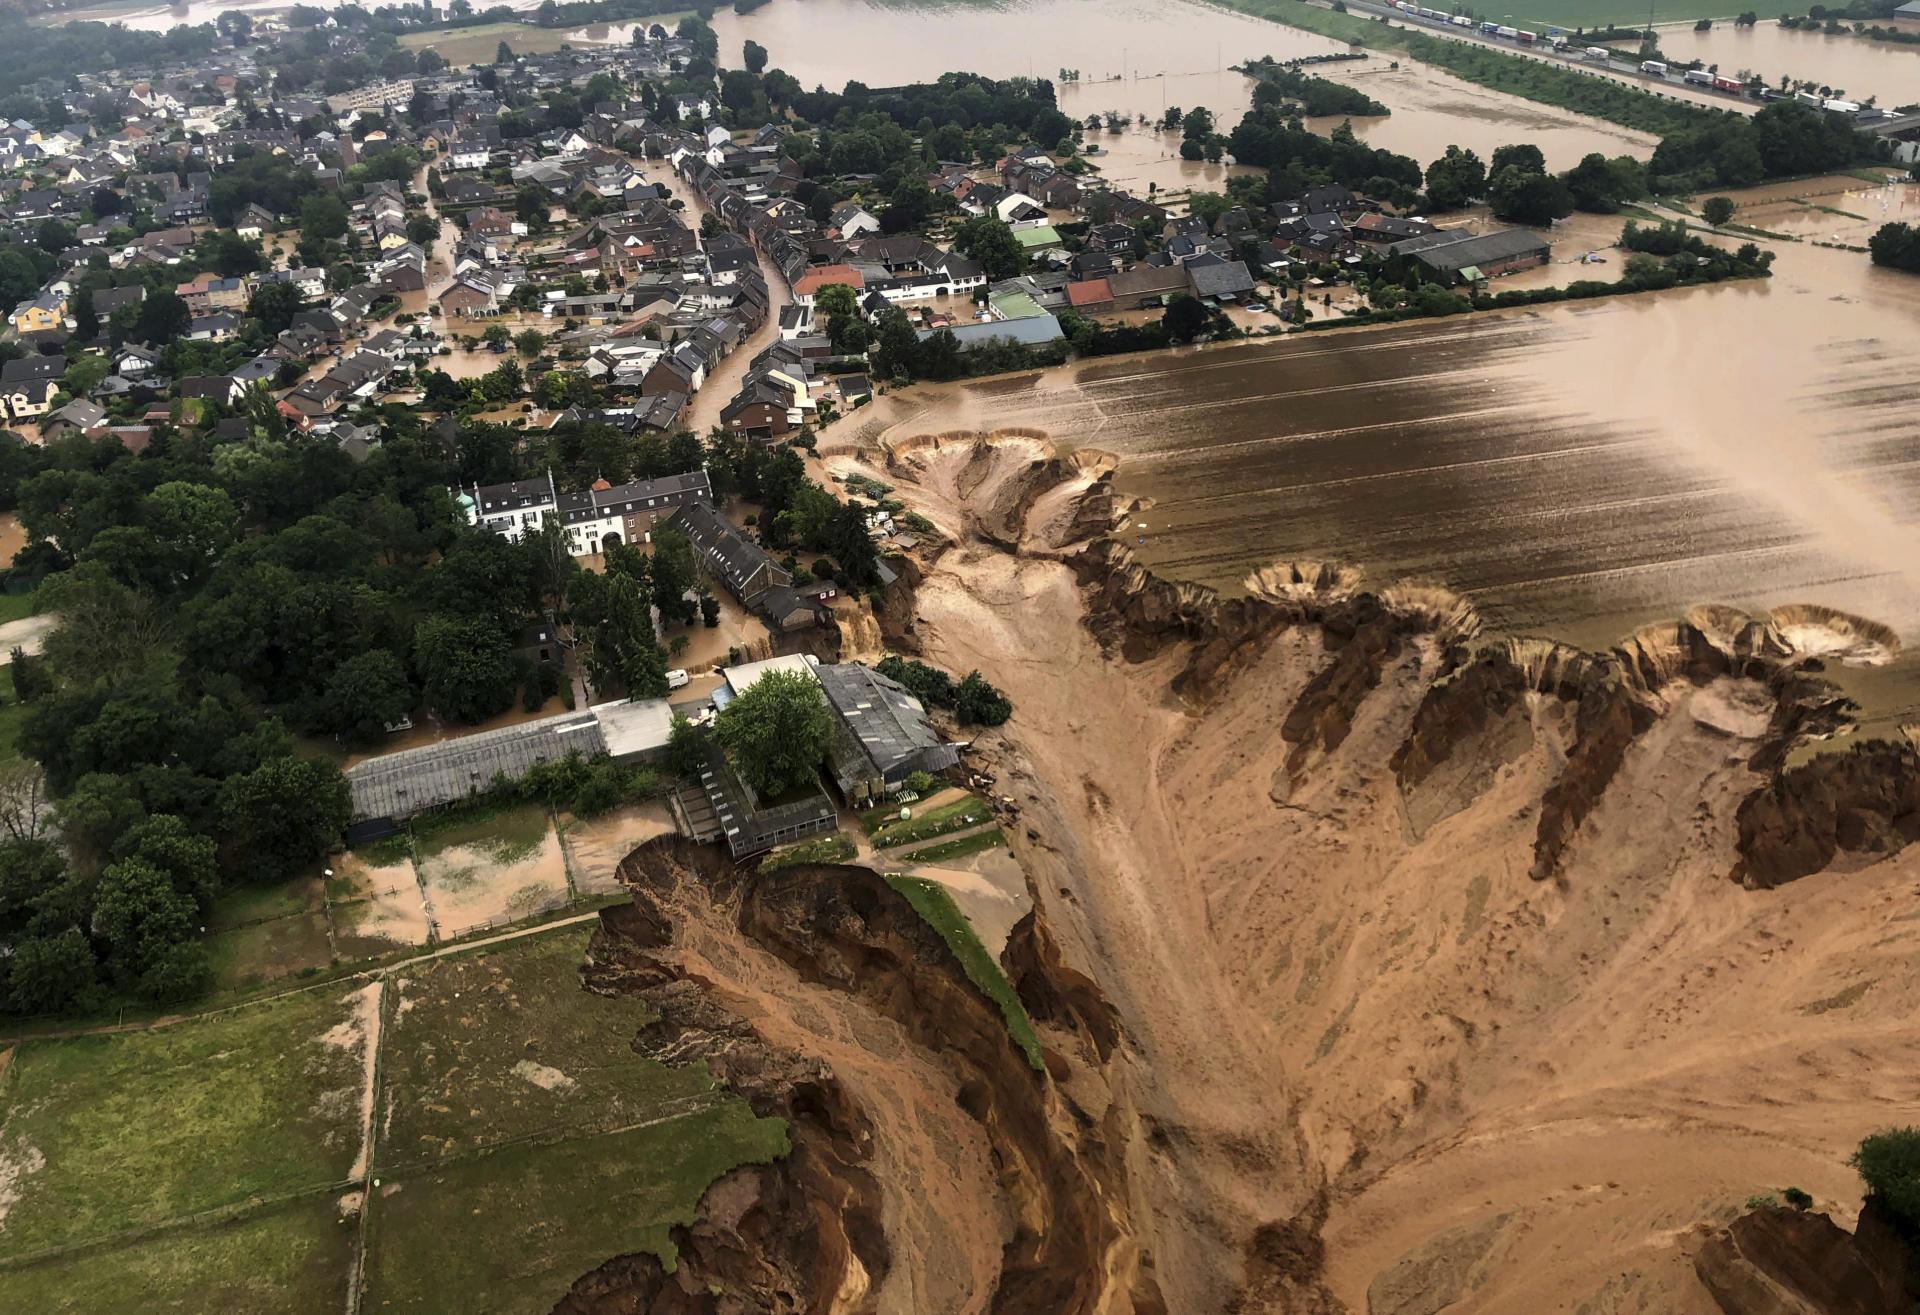 A Erftstadt, en Rhénanie-du-Nord-Westphalie (Allemagne), un gigantesque glissement de terrain dû aux inondations a fait de nombreuses victimes et continuait de s'étendre, le 16 juillet 2021.Les autorités ont évacué la population habitant dans la zone.